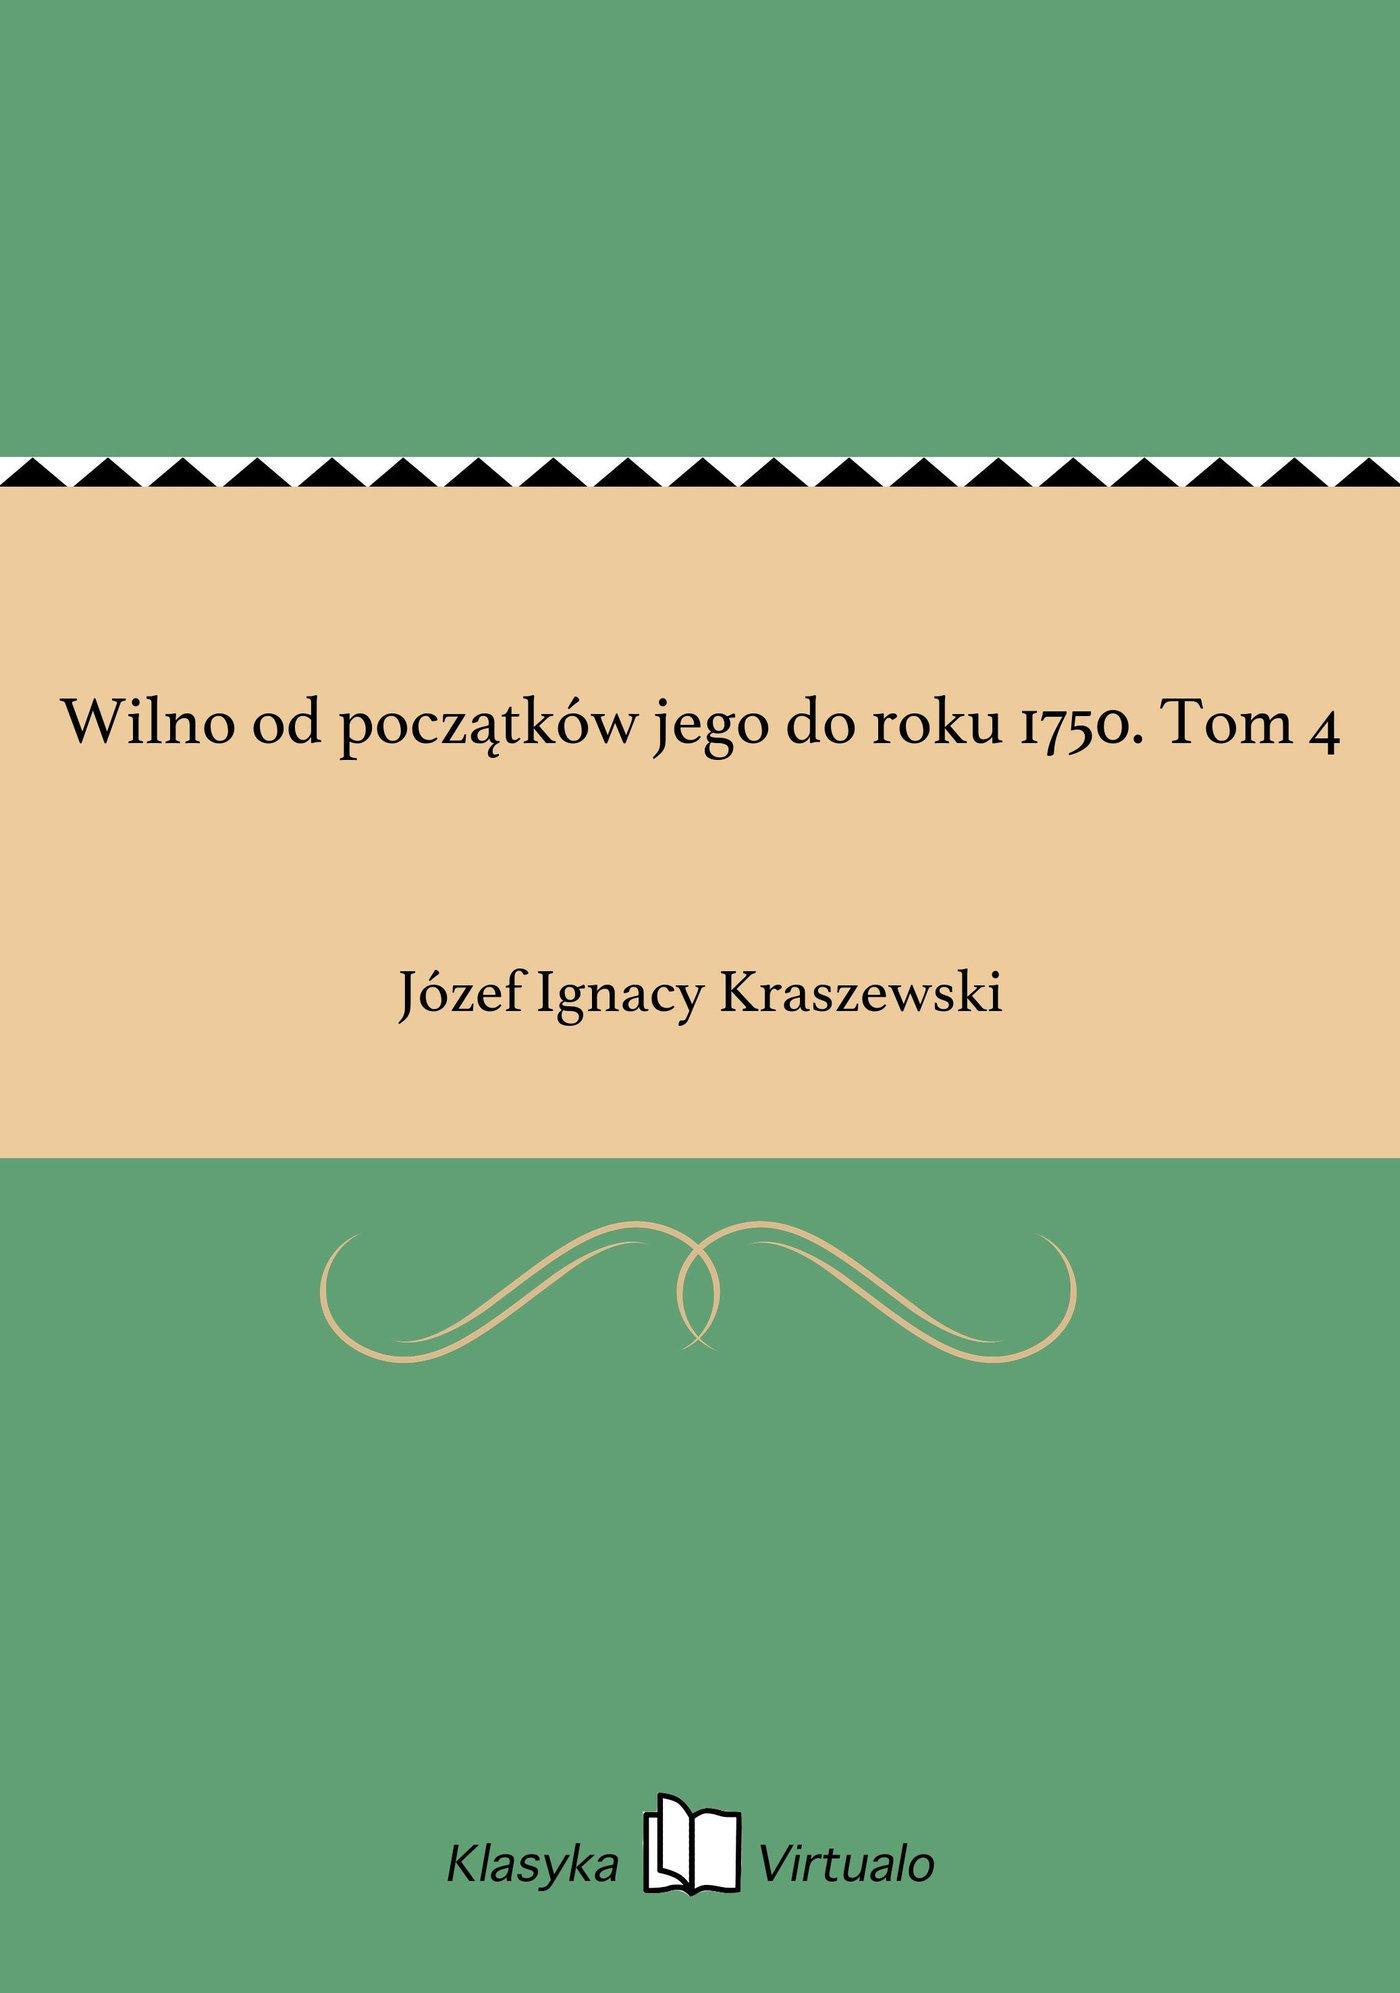 Wilno od początków jego do roku 1750. Tom 4 - Ebook (Książka EPUB) do pobrania w formacie EPUB